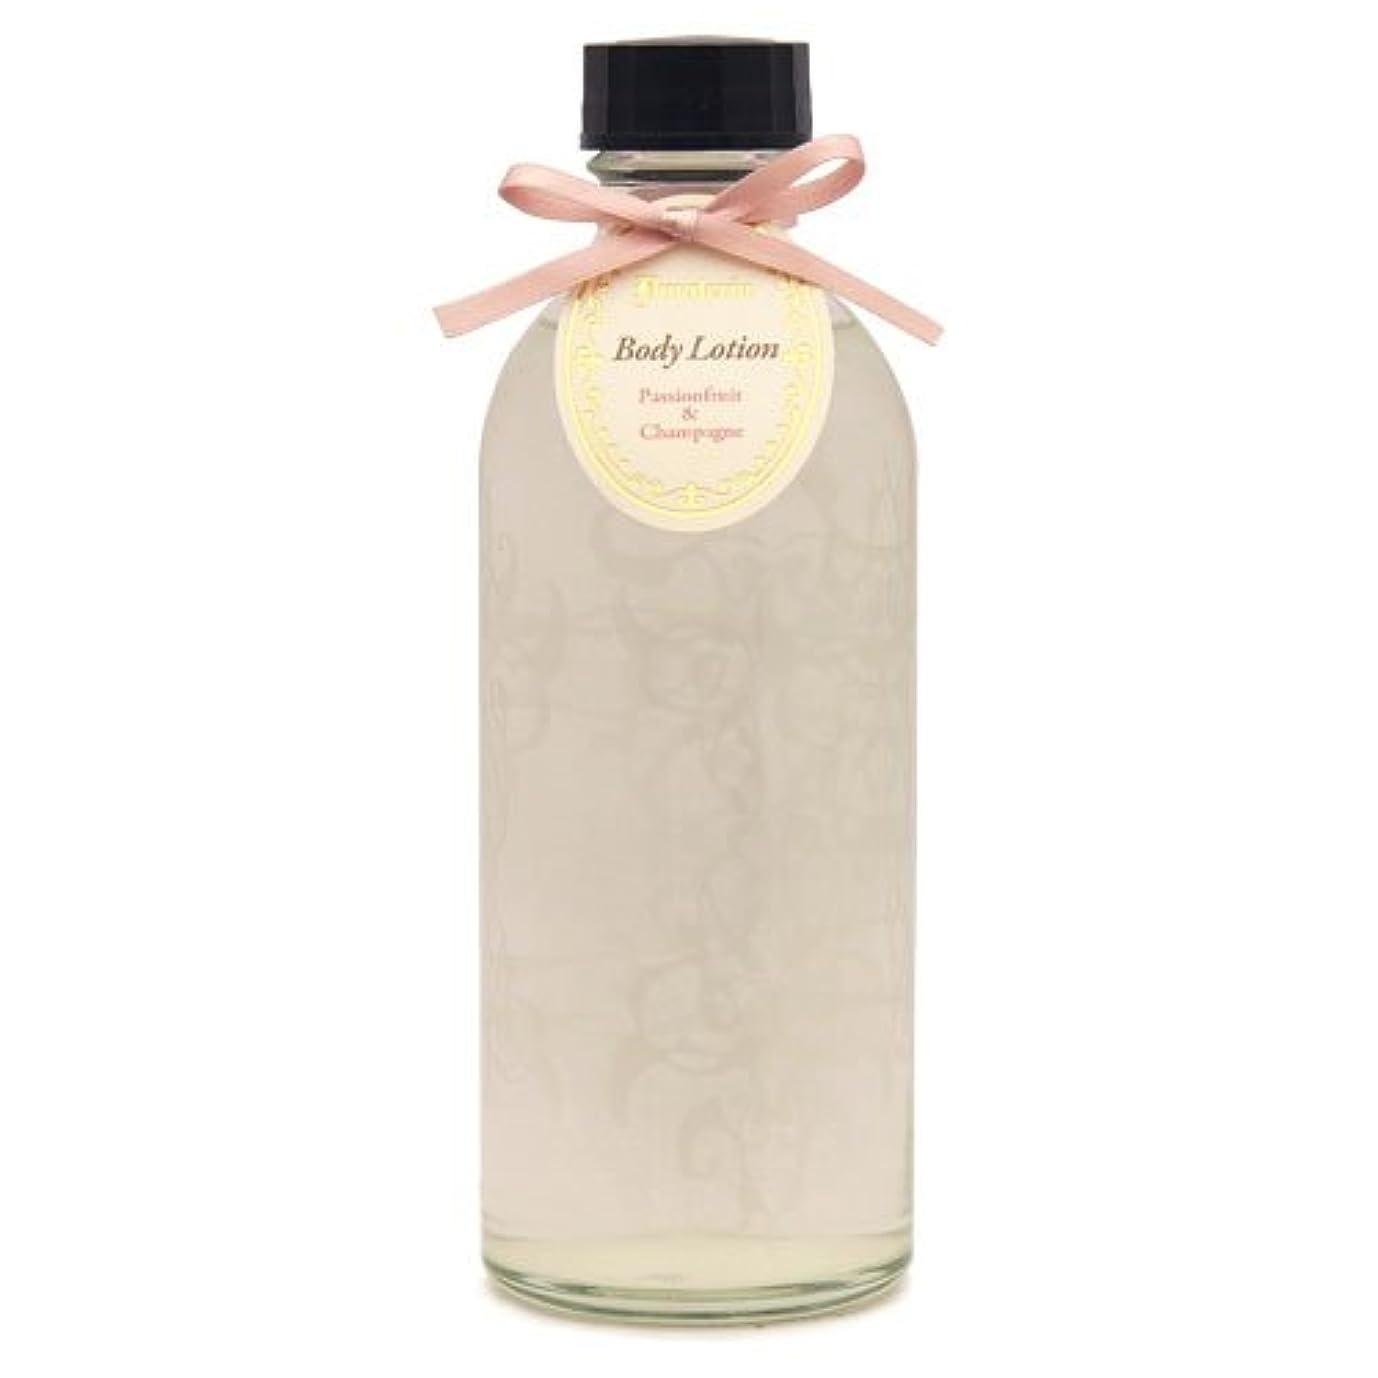 アクセサリーチューインガム通路D materia ボディローション パッションフルーツ&シャンパン Passionfruit&Champagne Body Lotion ディーマテリア